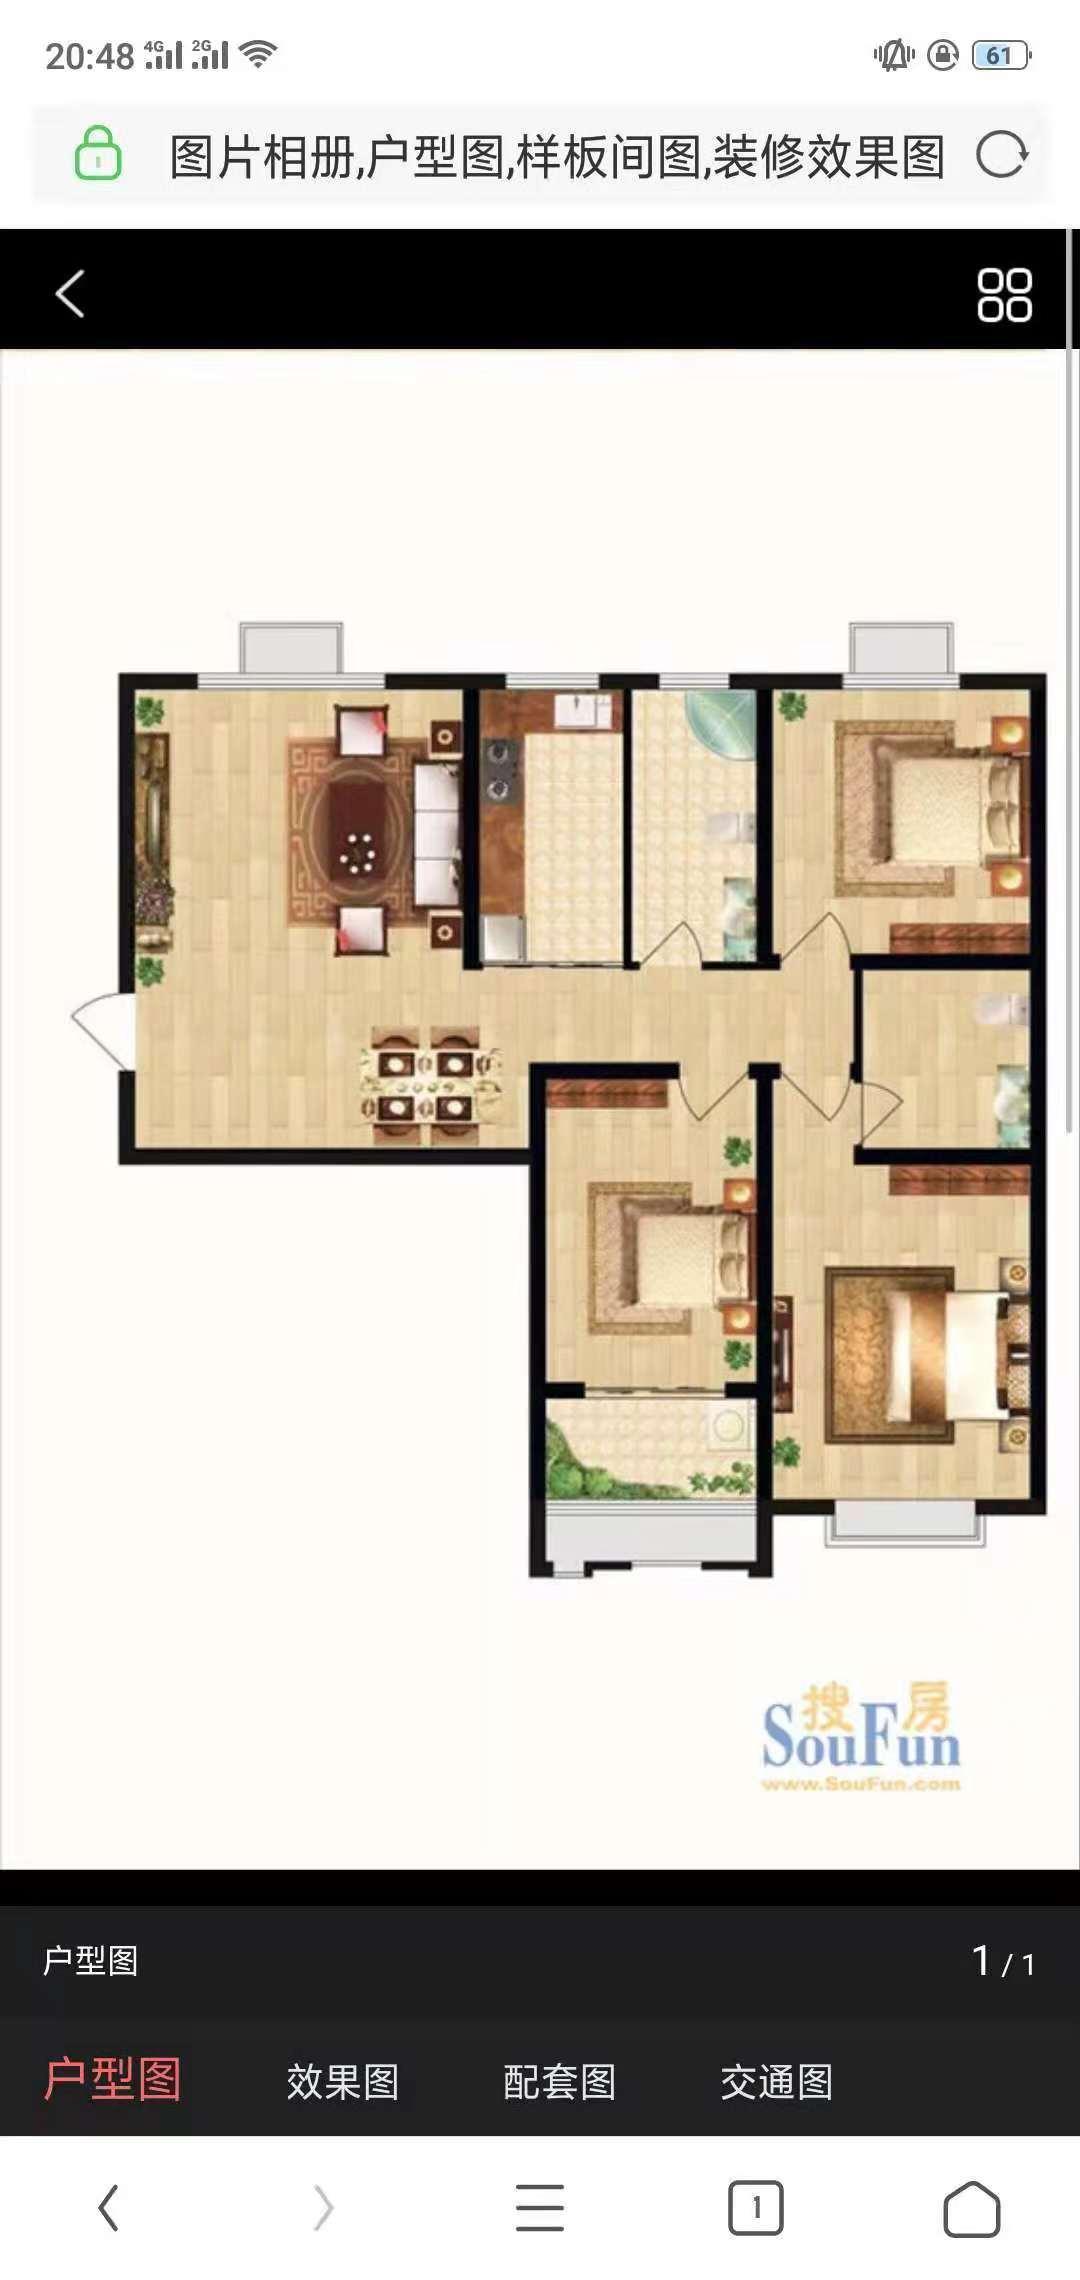 古韵大东关 3室2厅 22楼